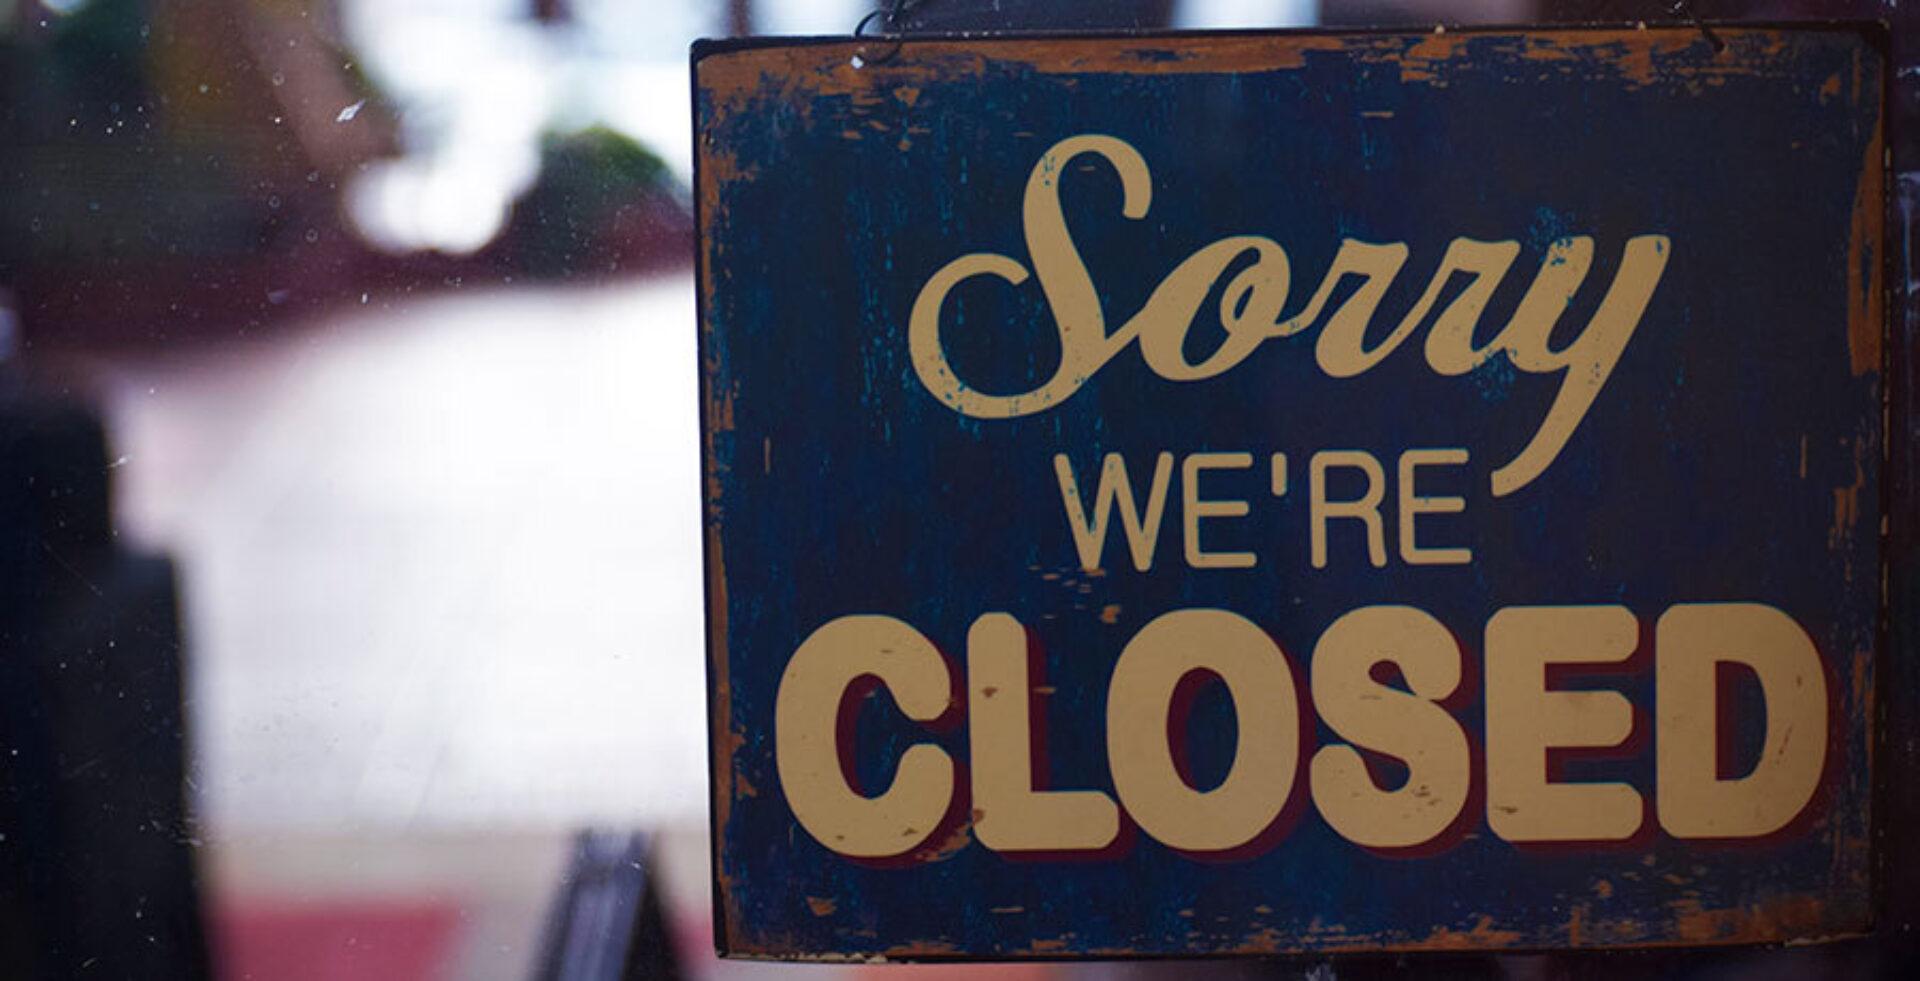 Tweede lockdown: de enige optie? Beter het immuunsysteem van risicogroepen en zorgpersoneel versterken.